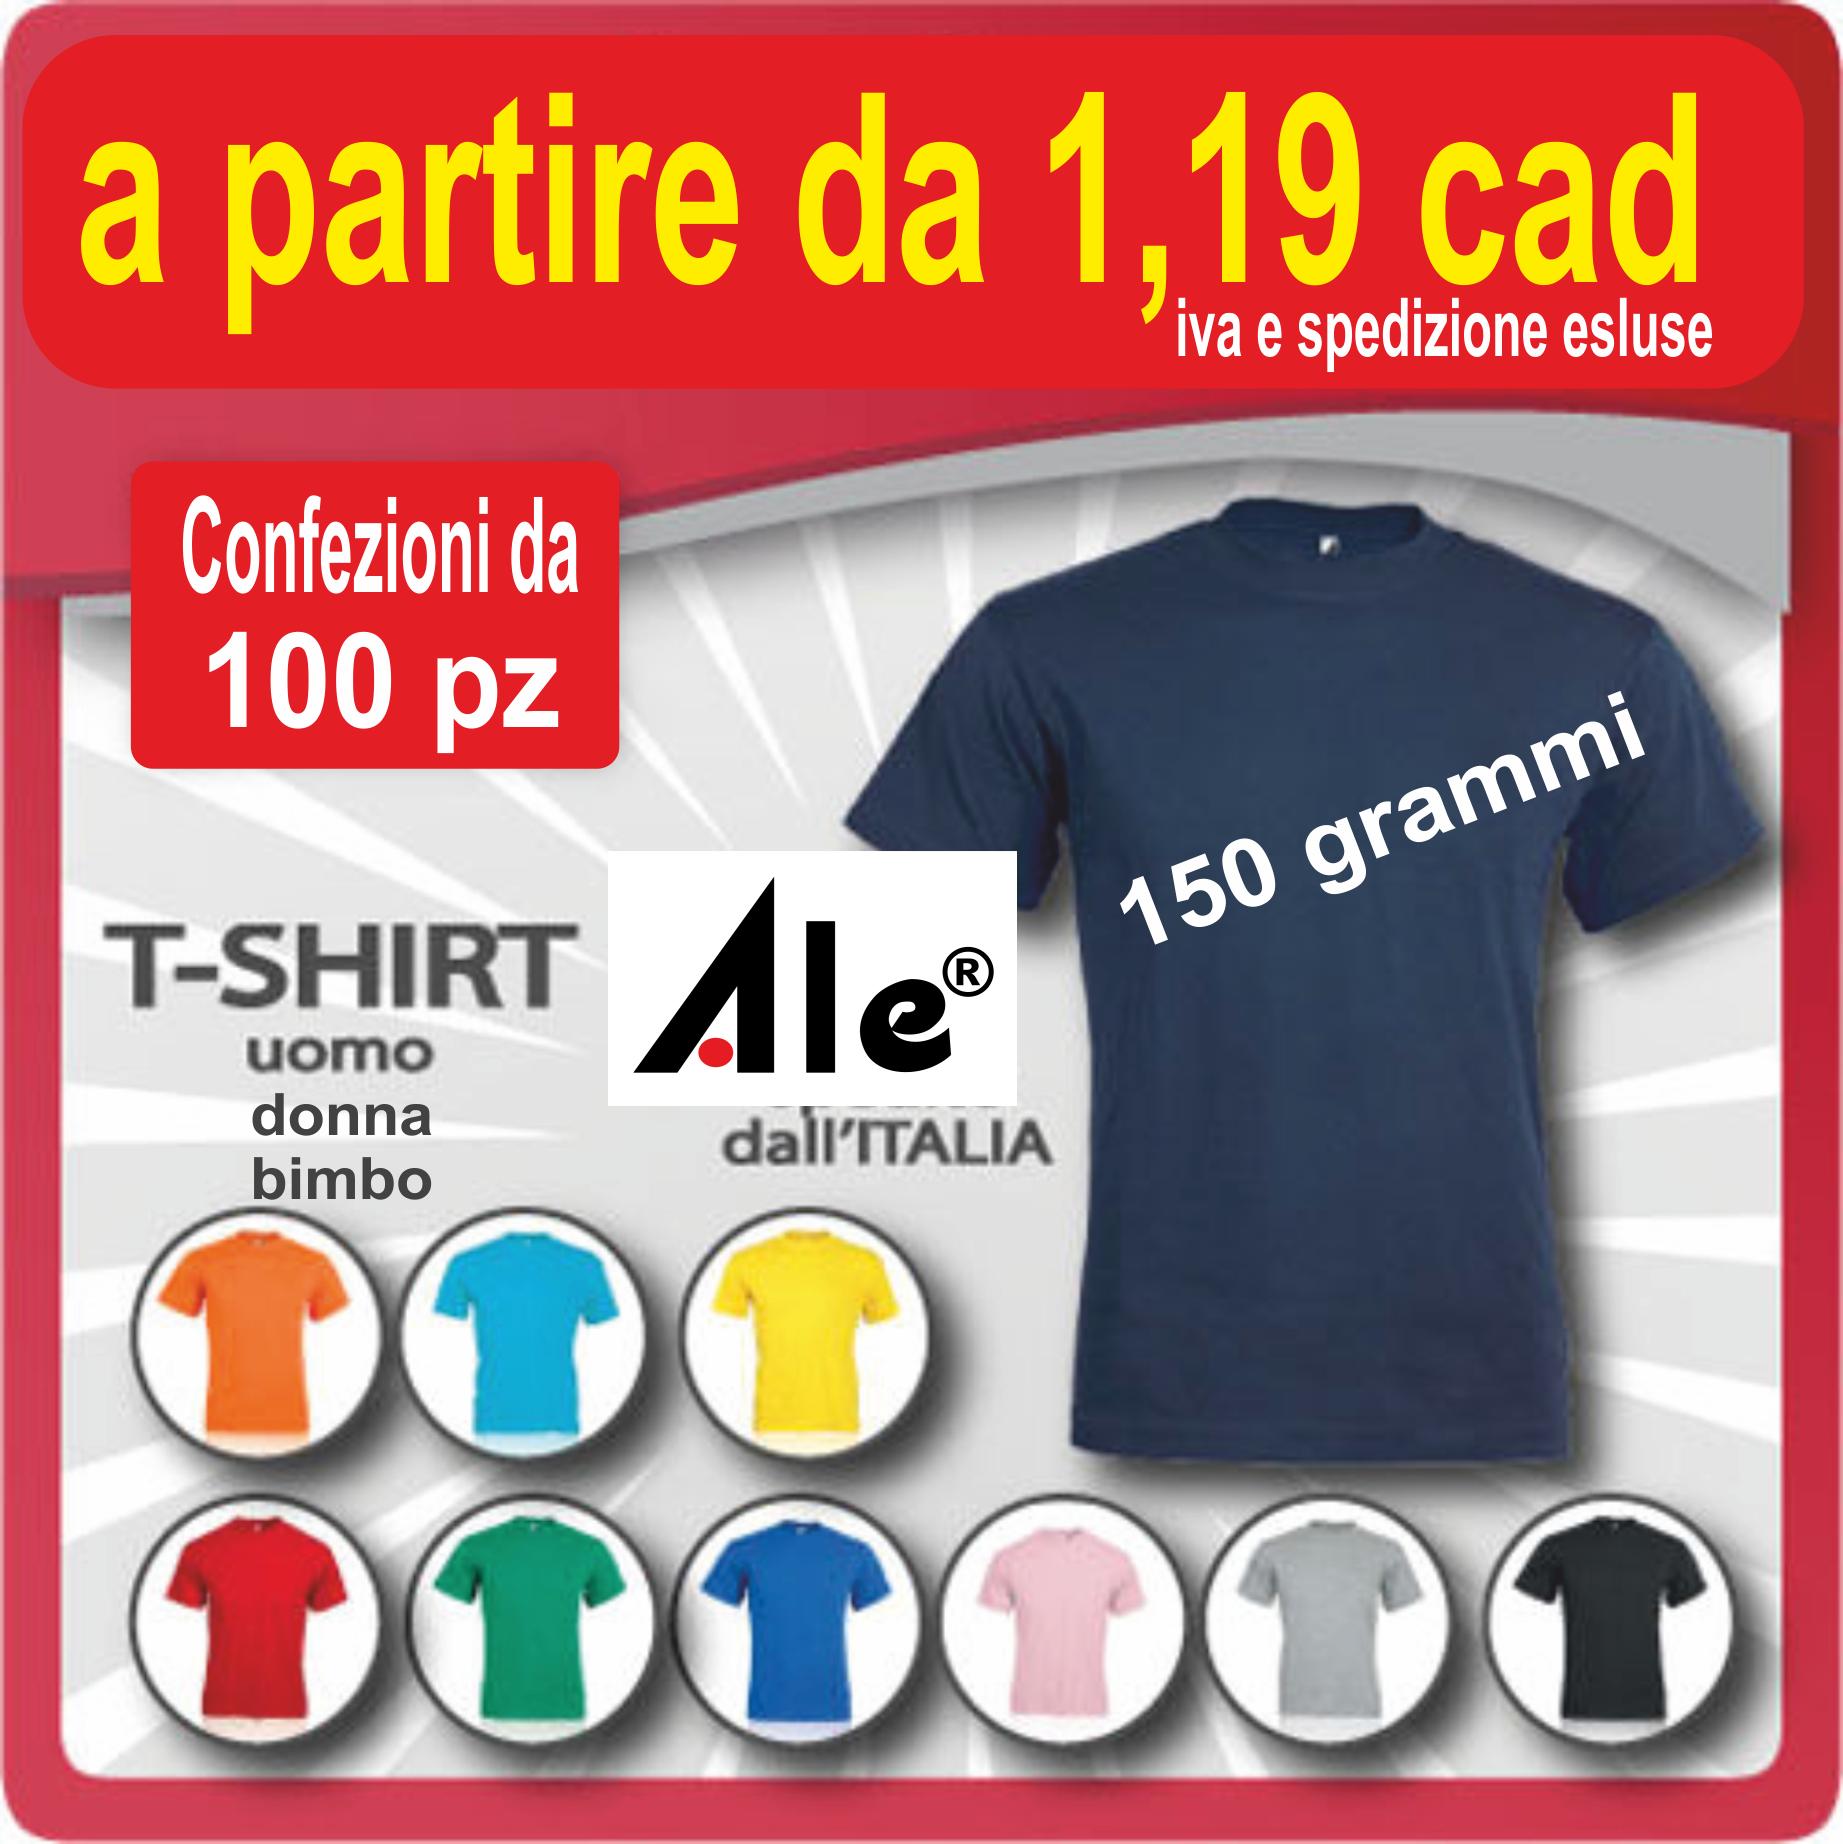 maglietta  da 1,19 euro